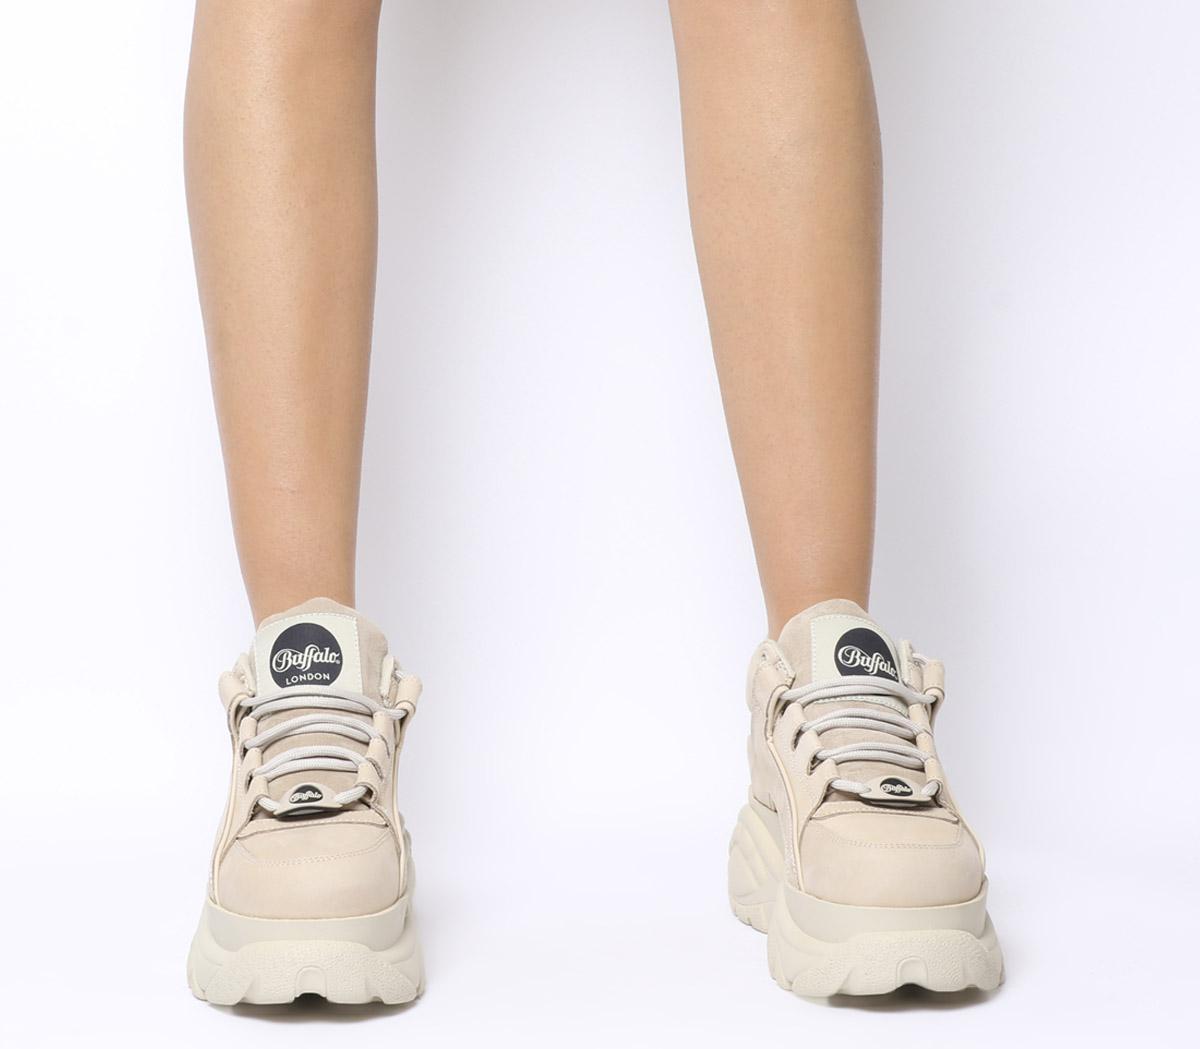 Buffalo Damen Sneaker Sneaker Low Leder weiss 41 | real